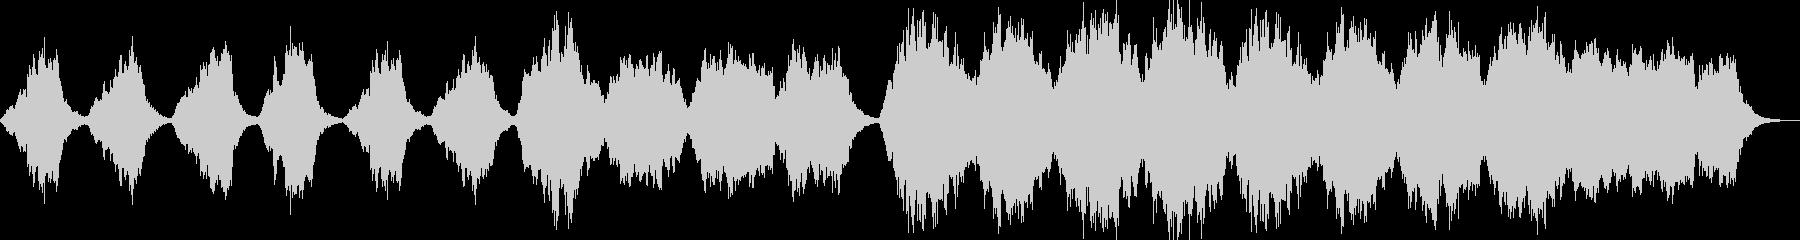 サスペンス向きの美しいストリングス曲の未再生の波形